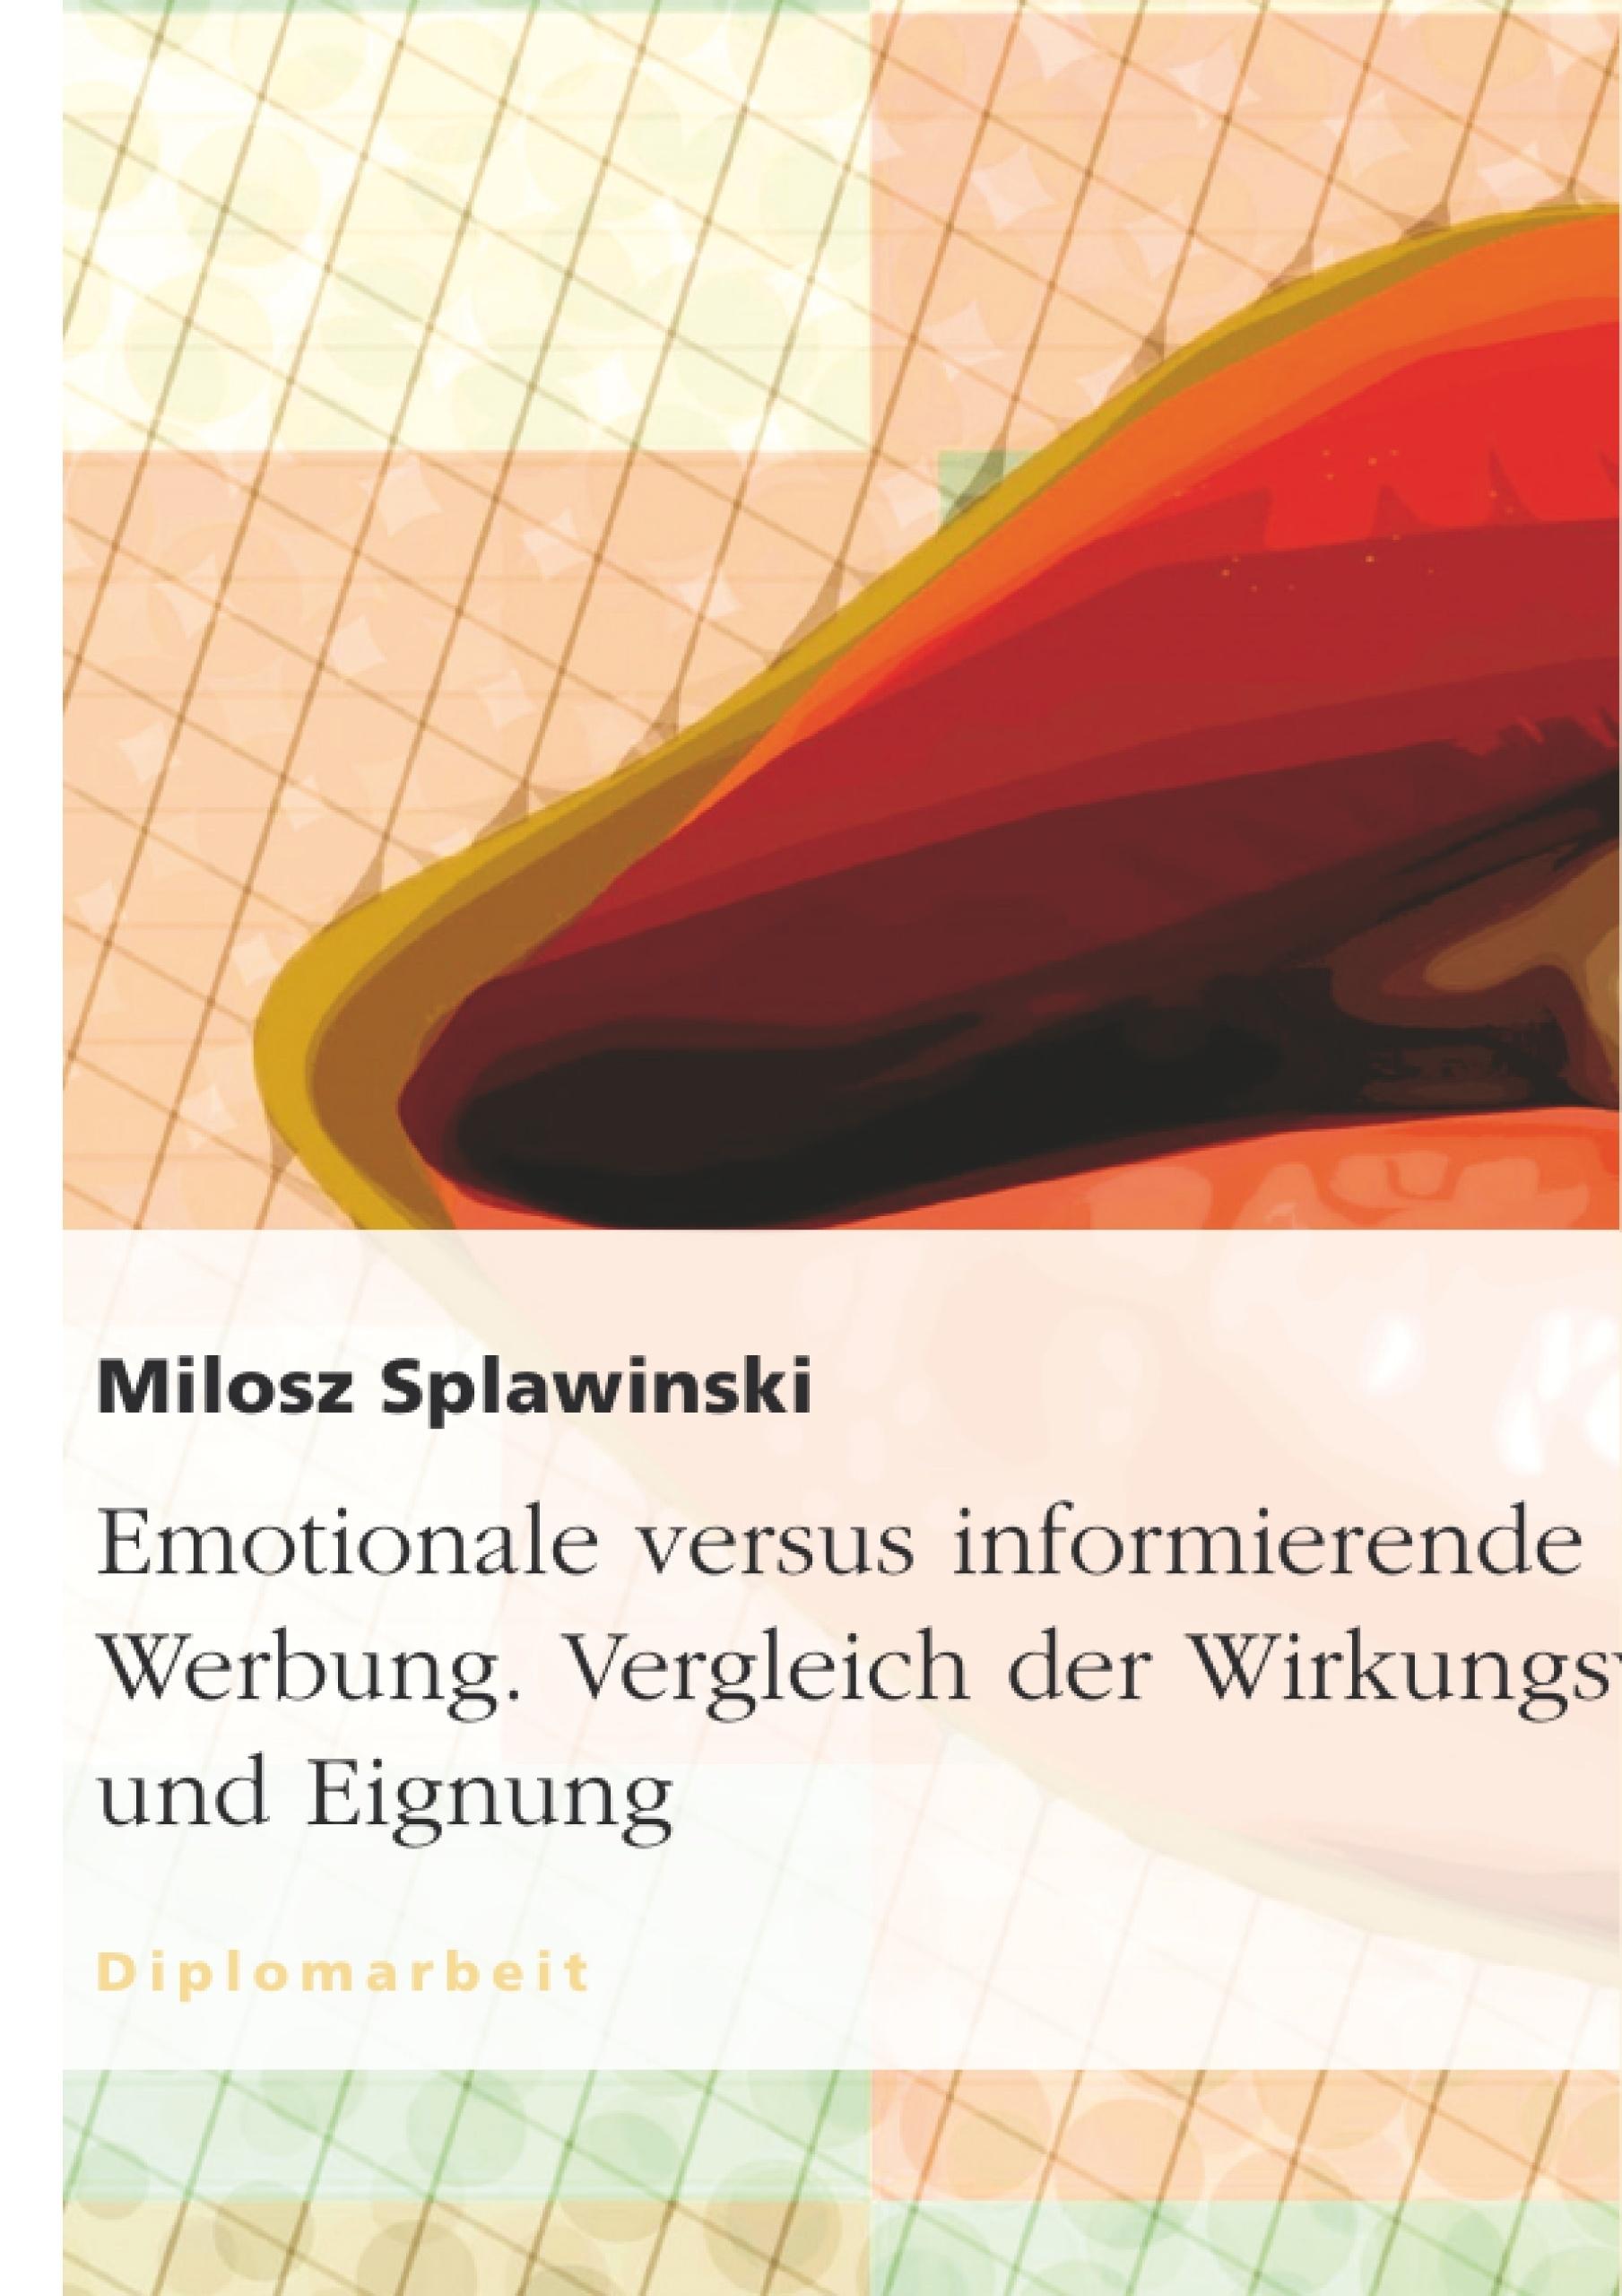 Titel: Emotionale versus informierende Werbung. Vergleich der Wirkungsweise und Eignung